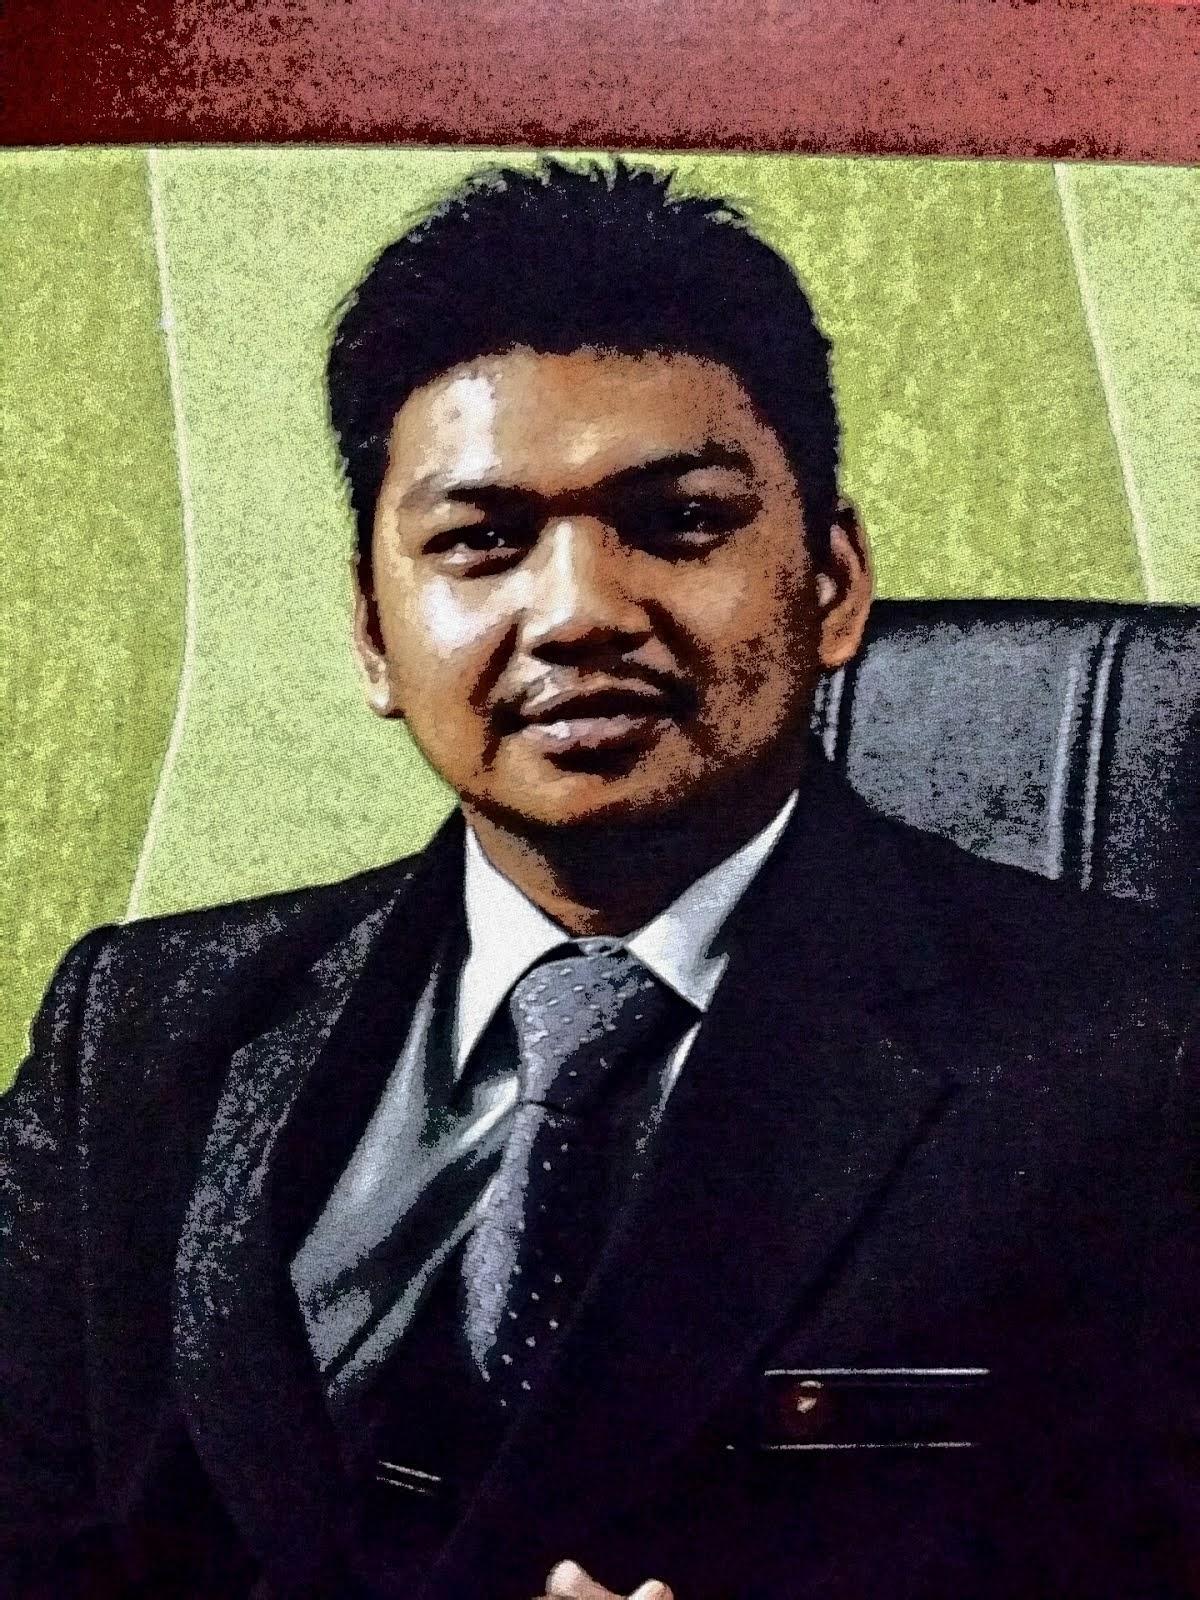 Mashdi b. Ghazali